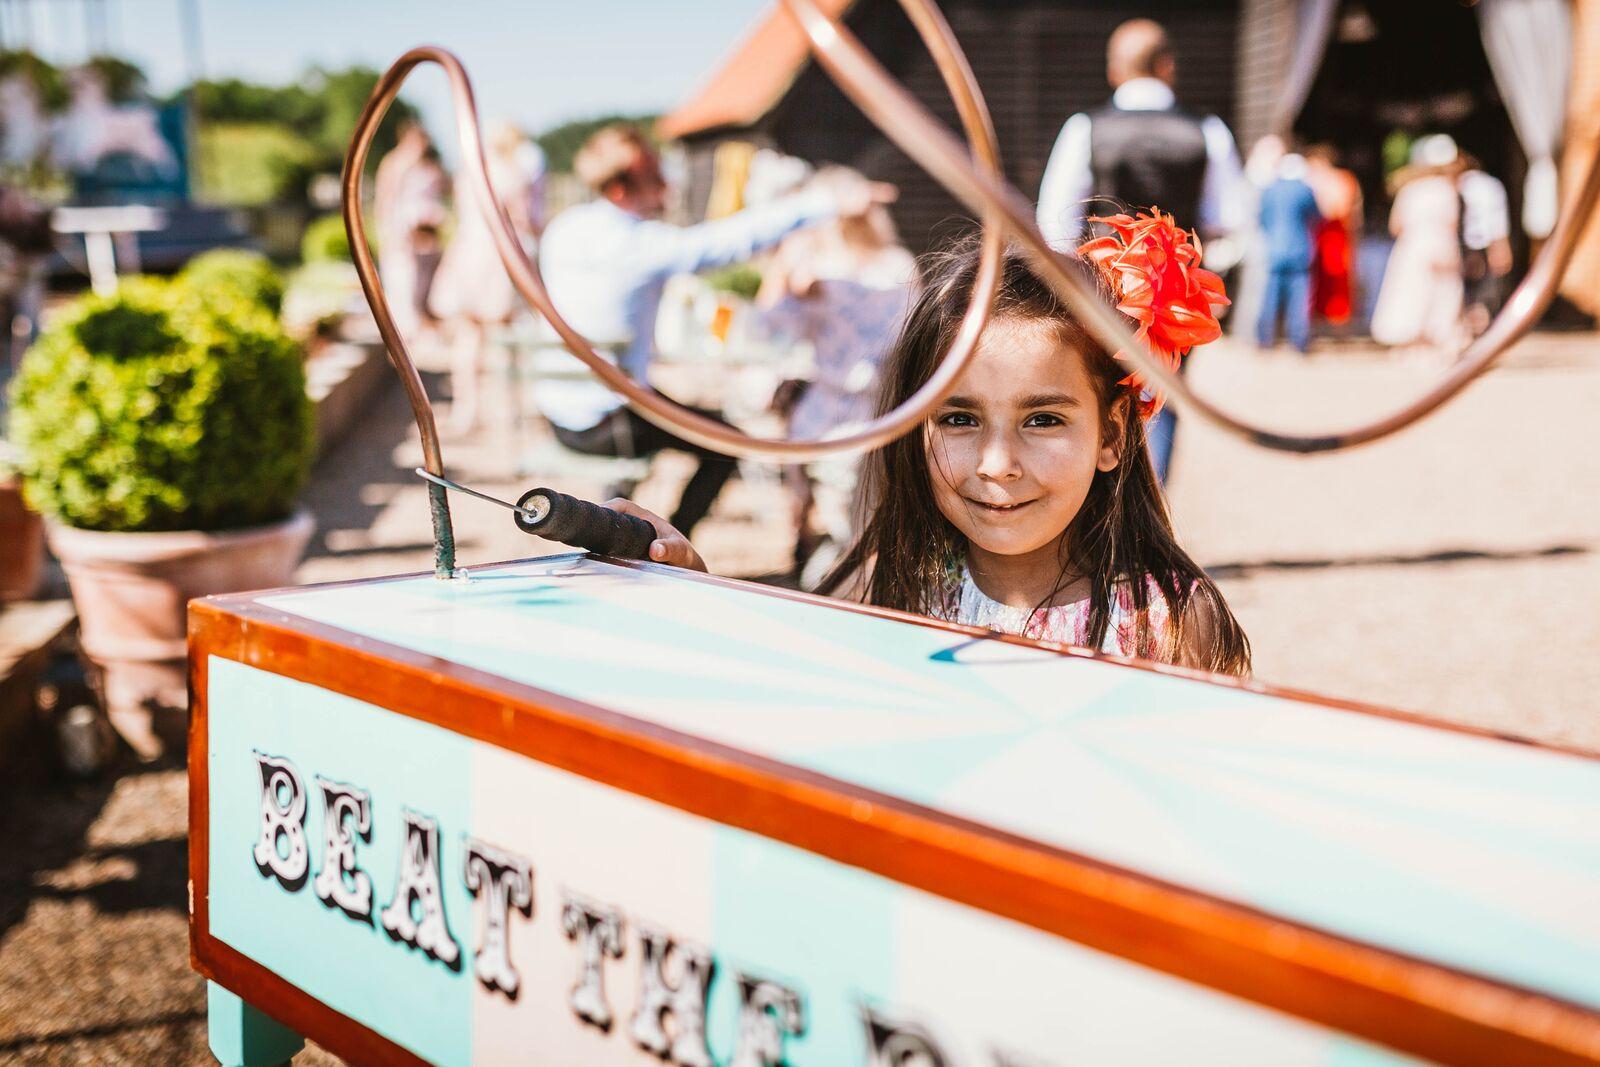 Fairground Rides & Stalls